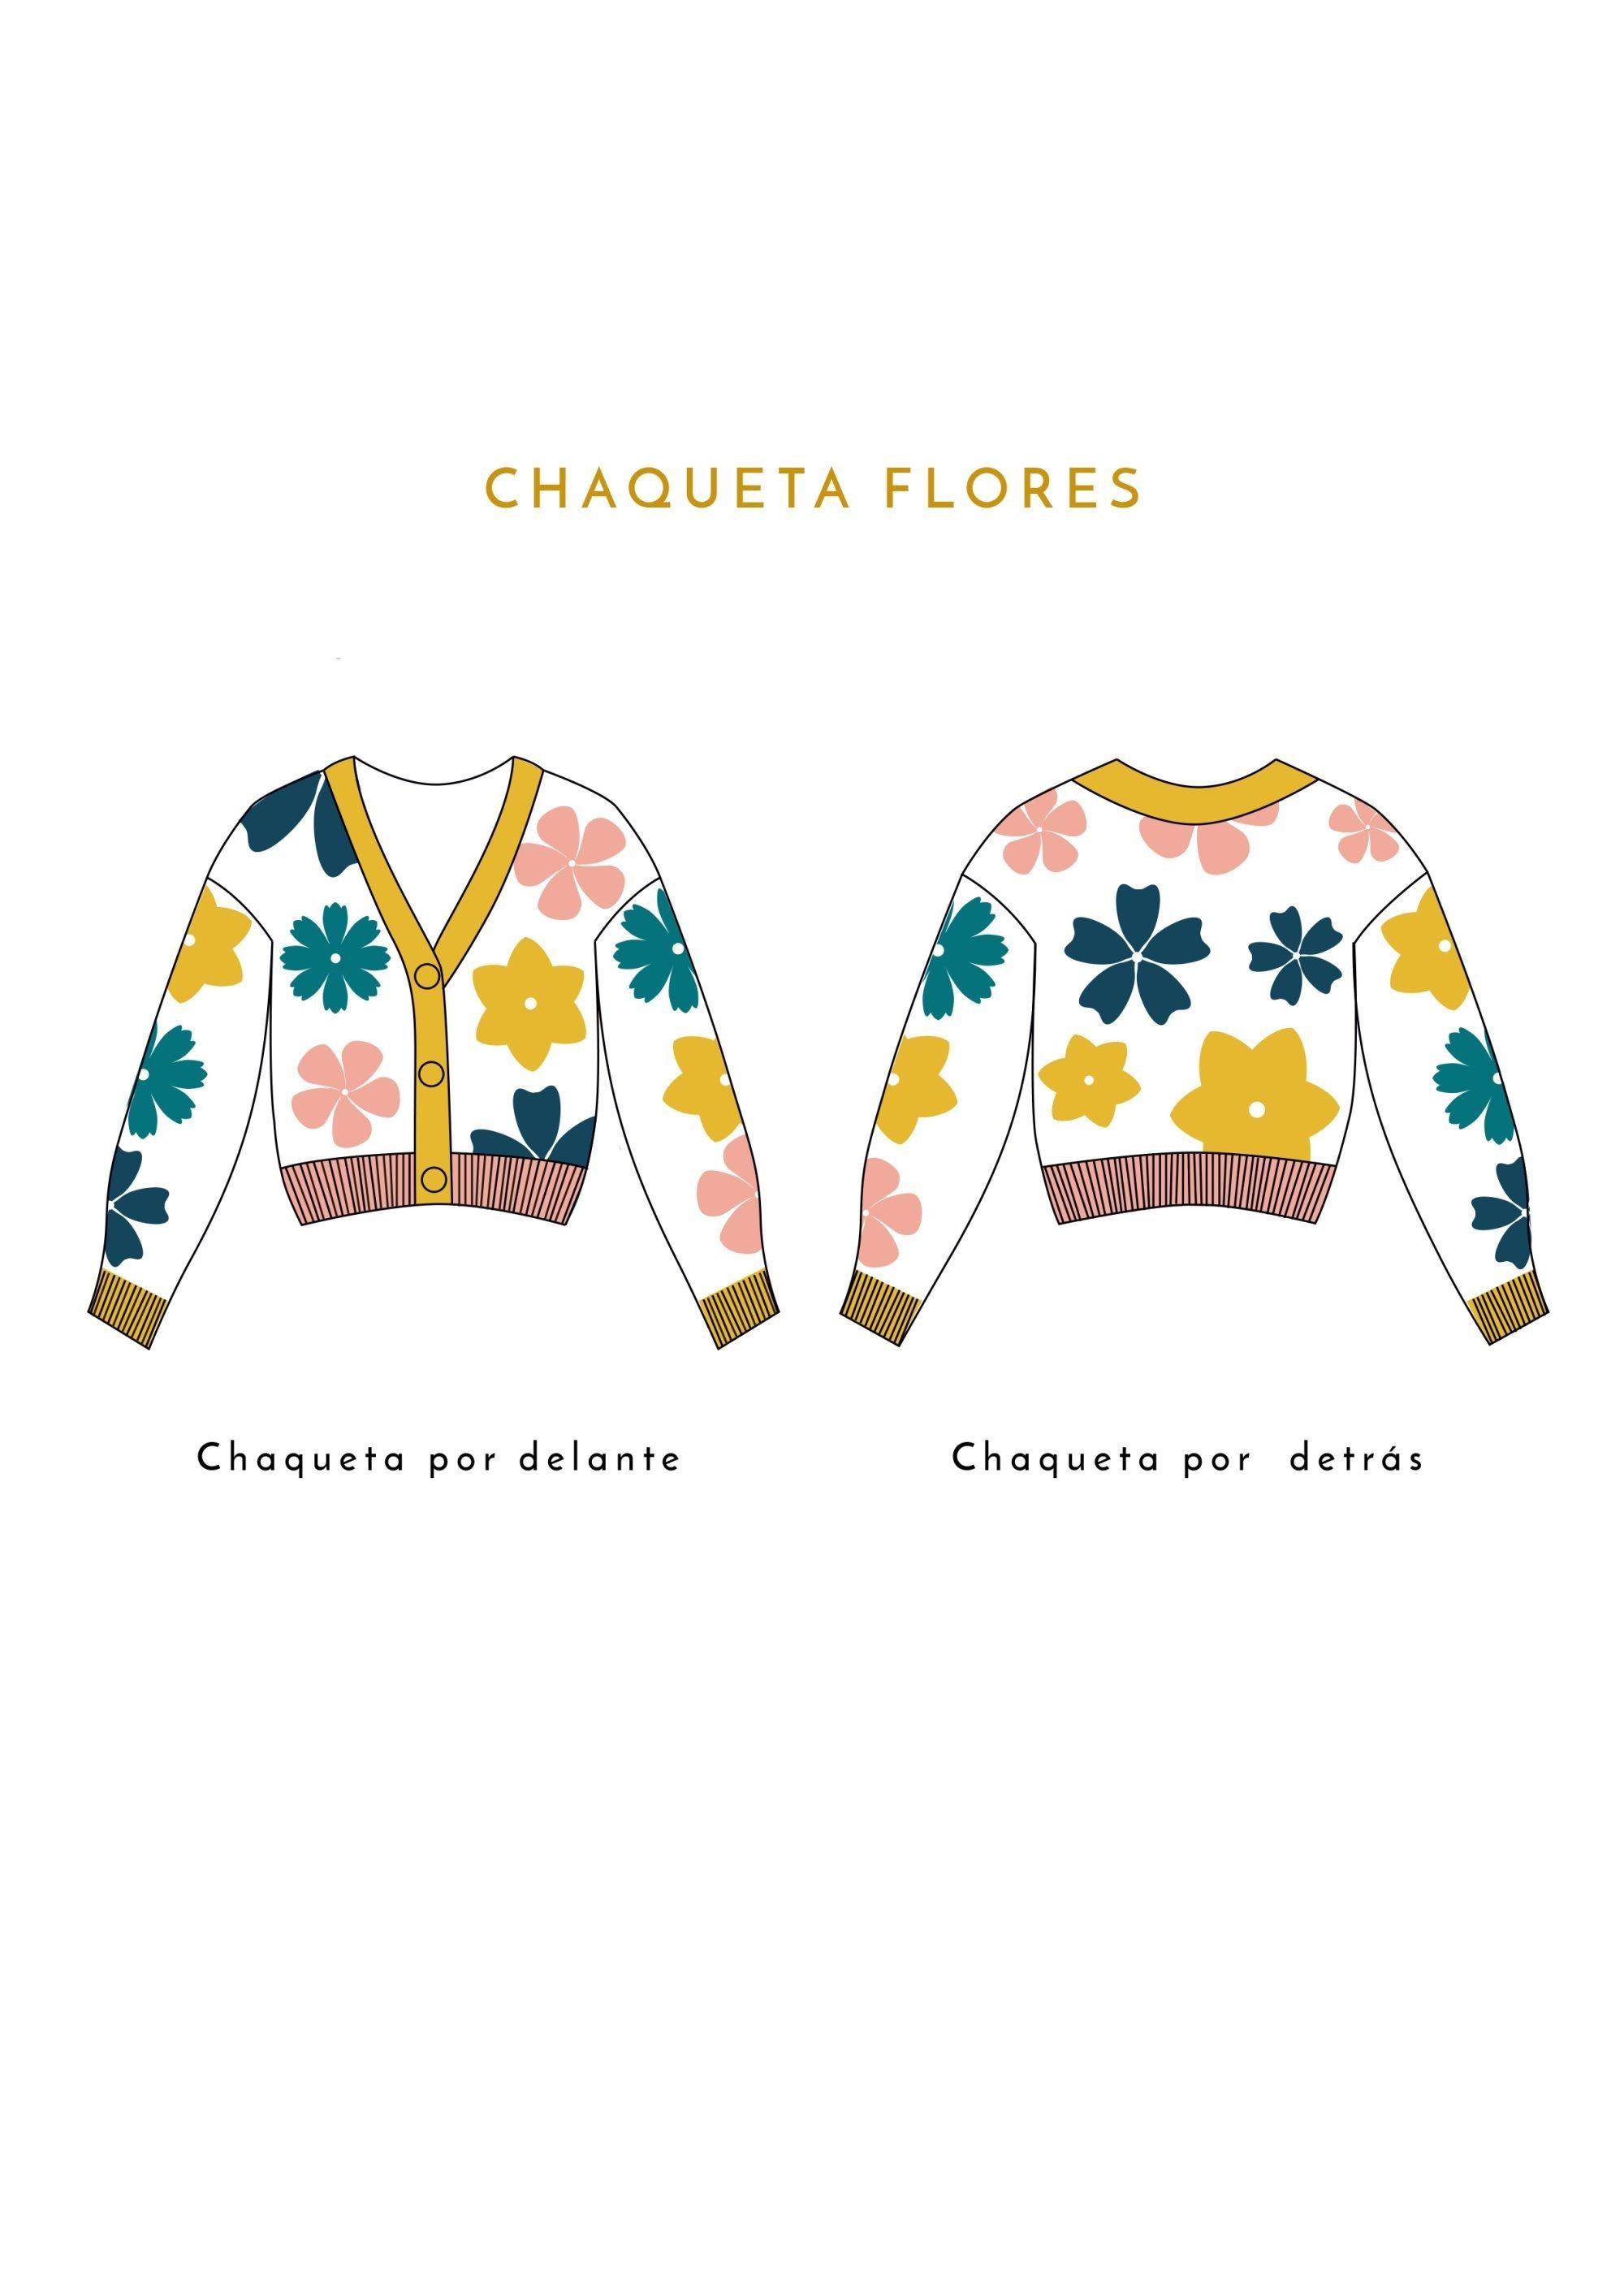 Dibujo Chaqueta Flores Amarilla Rosa y Verde Crisálida